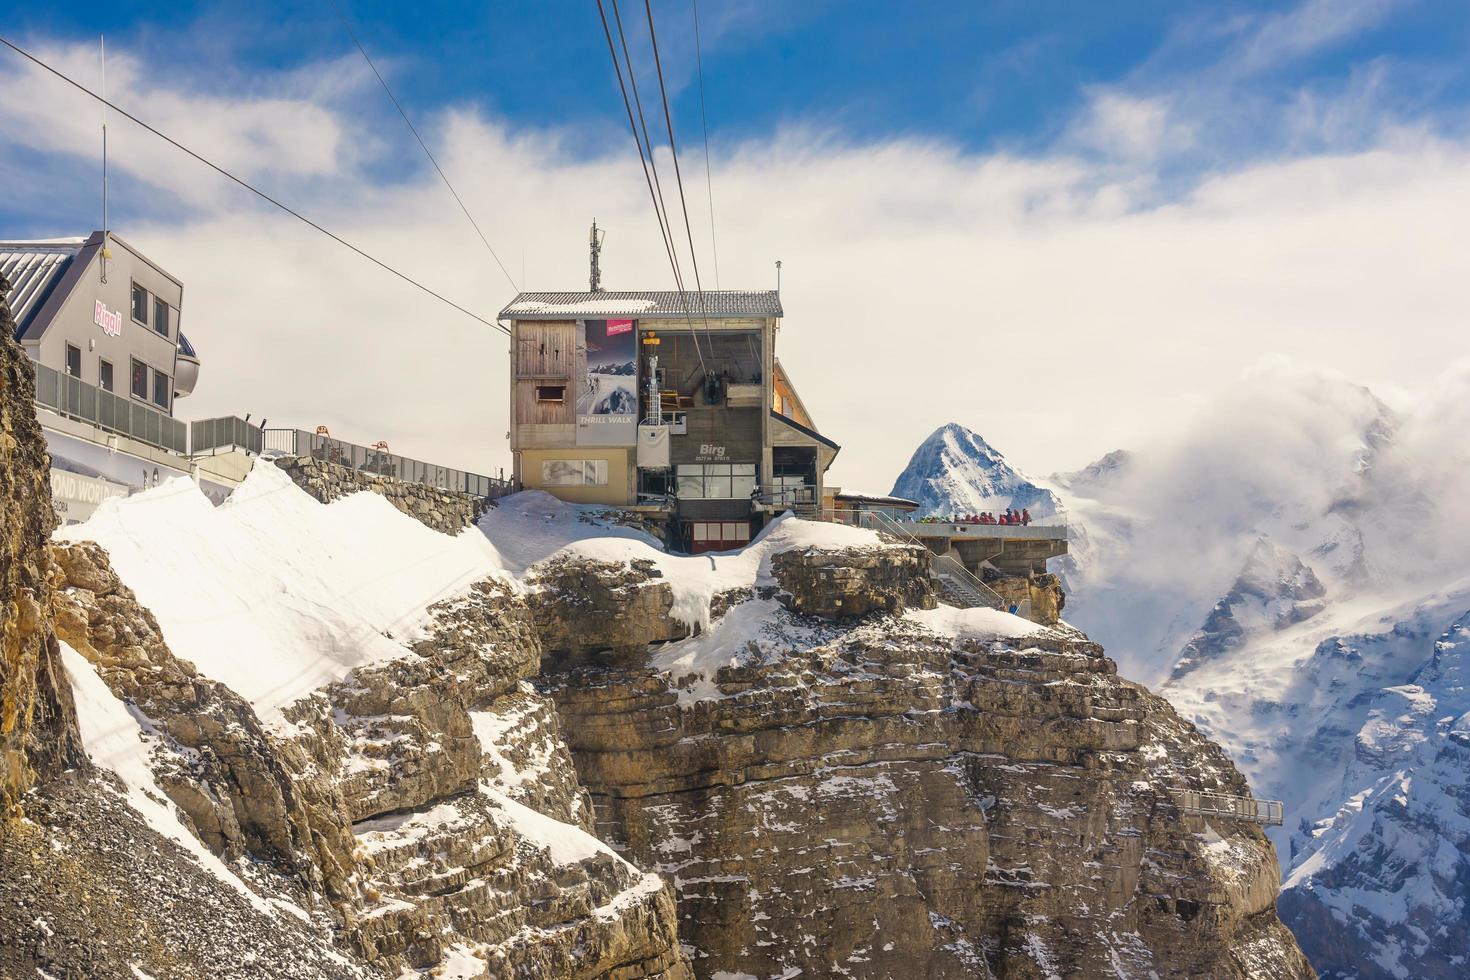 Station de Birg dans les Alpes suisses à Mürren photo